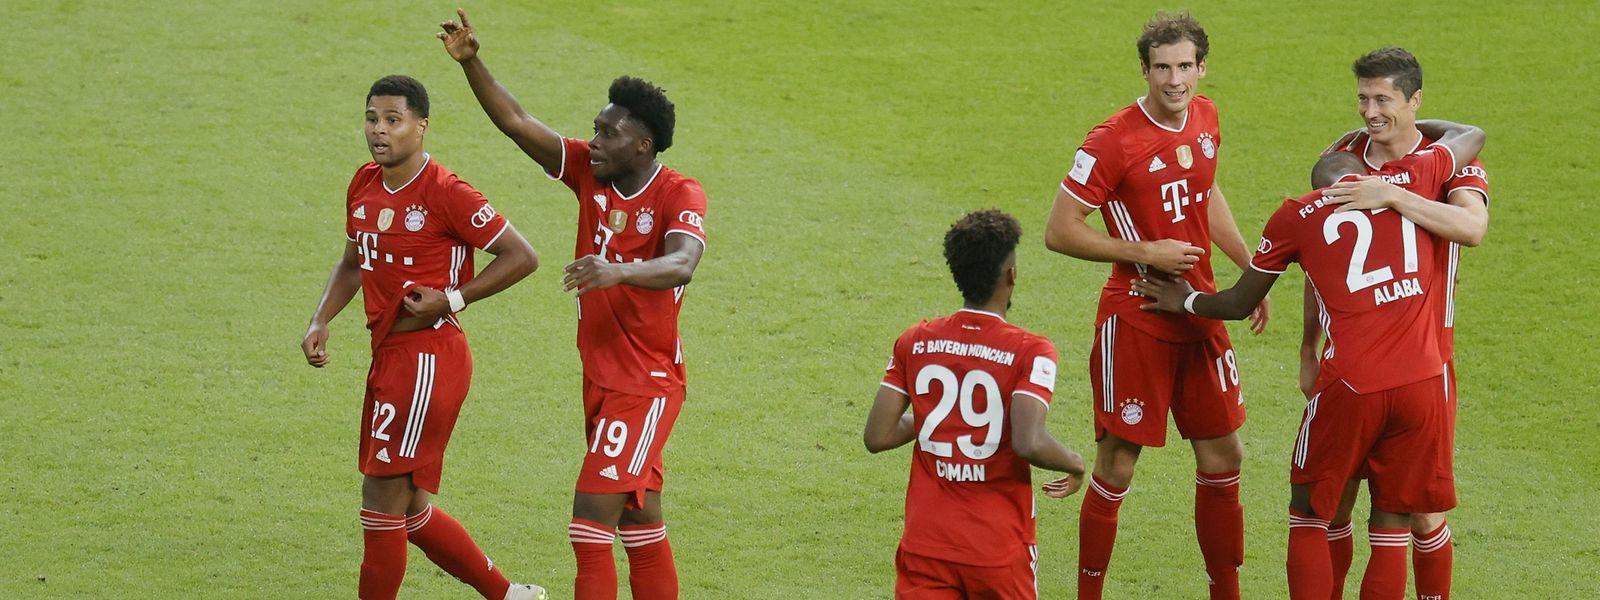 Die Spieler des FC Bayern München dürfen sich erneut über das Doublé freuen.